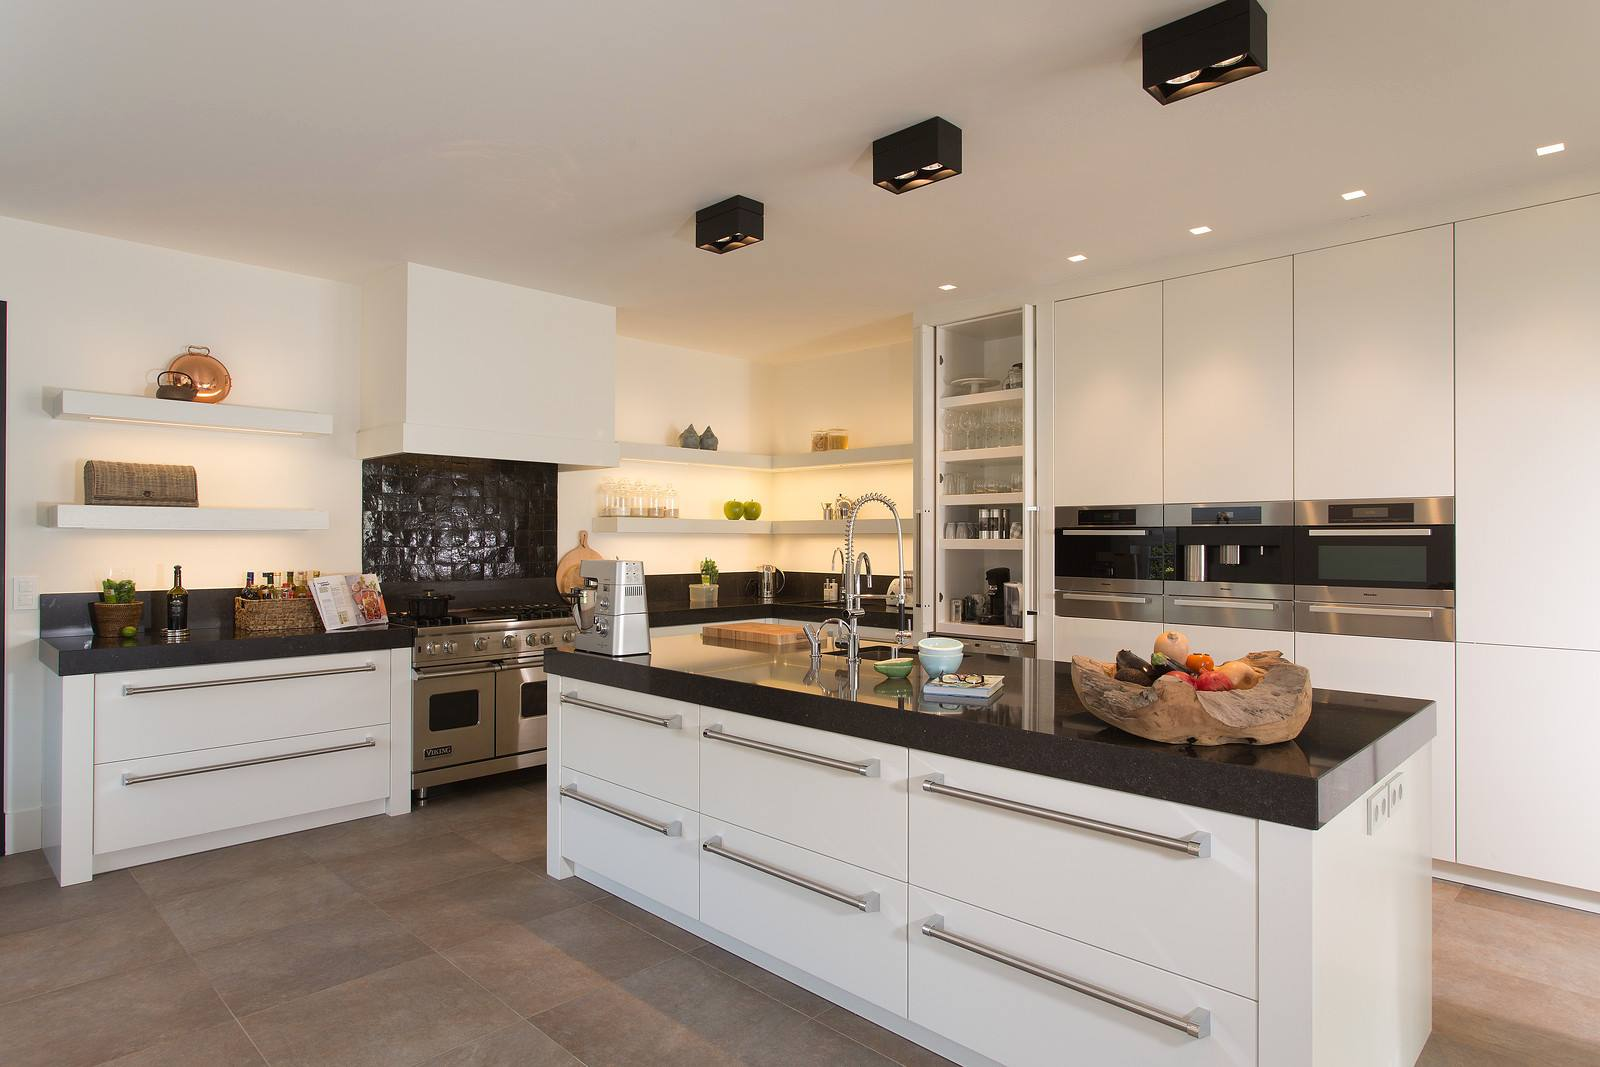 Keuken aanrecht beste inspiratie voor huis ontwerp - Keuken decoratie ideeen ...